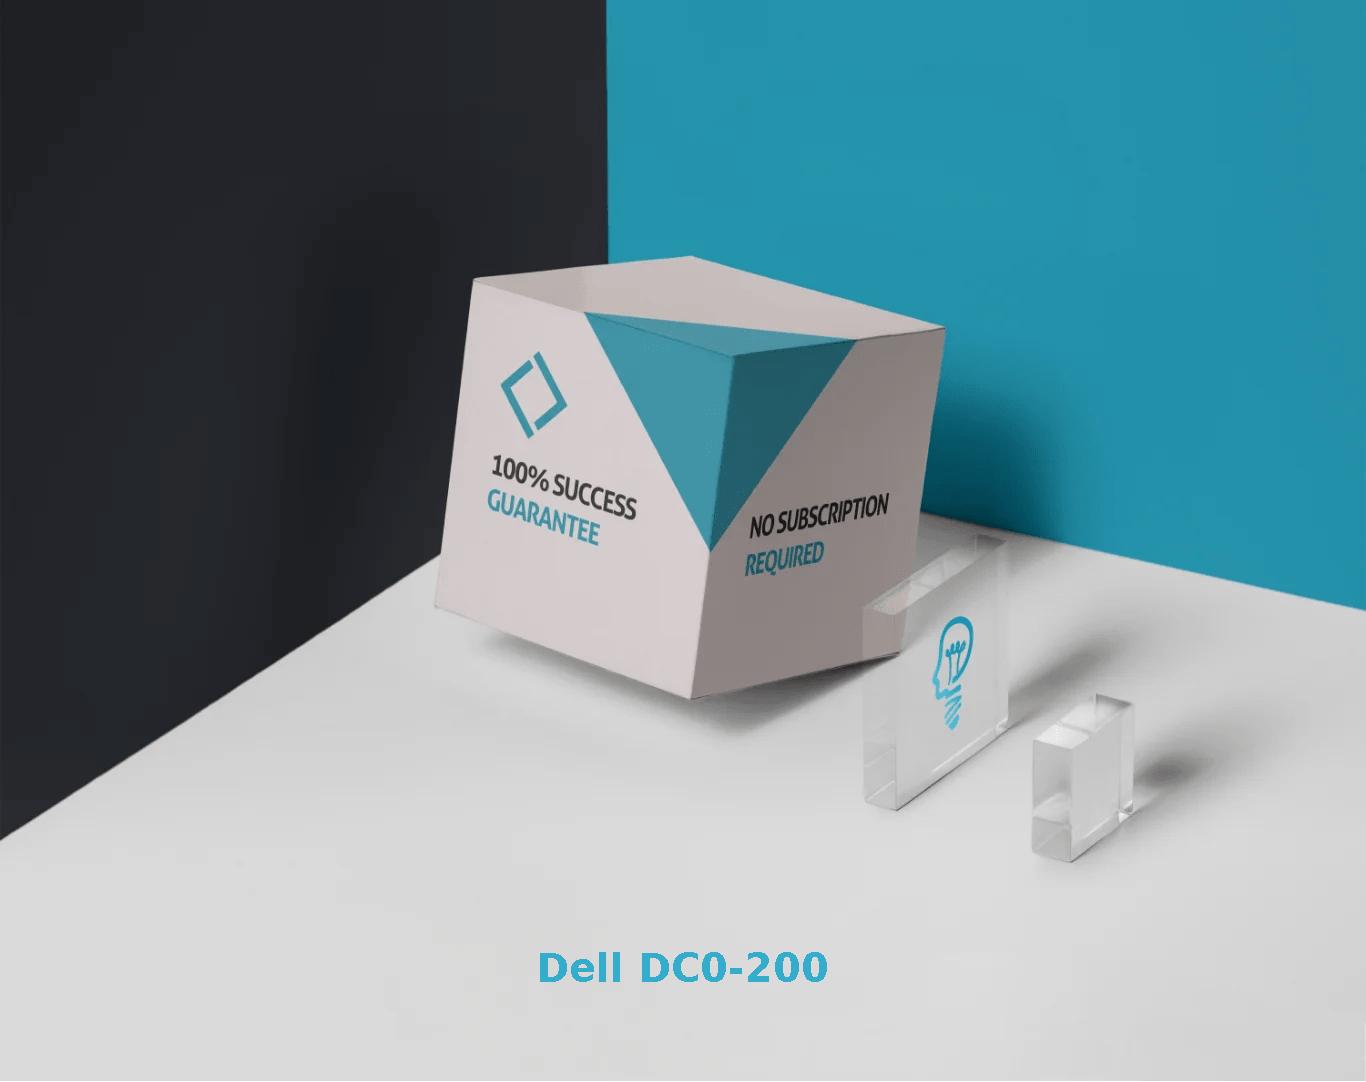 Dell DC0-200 Exams